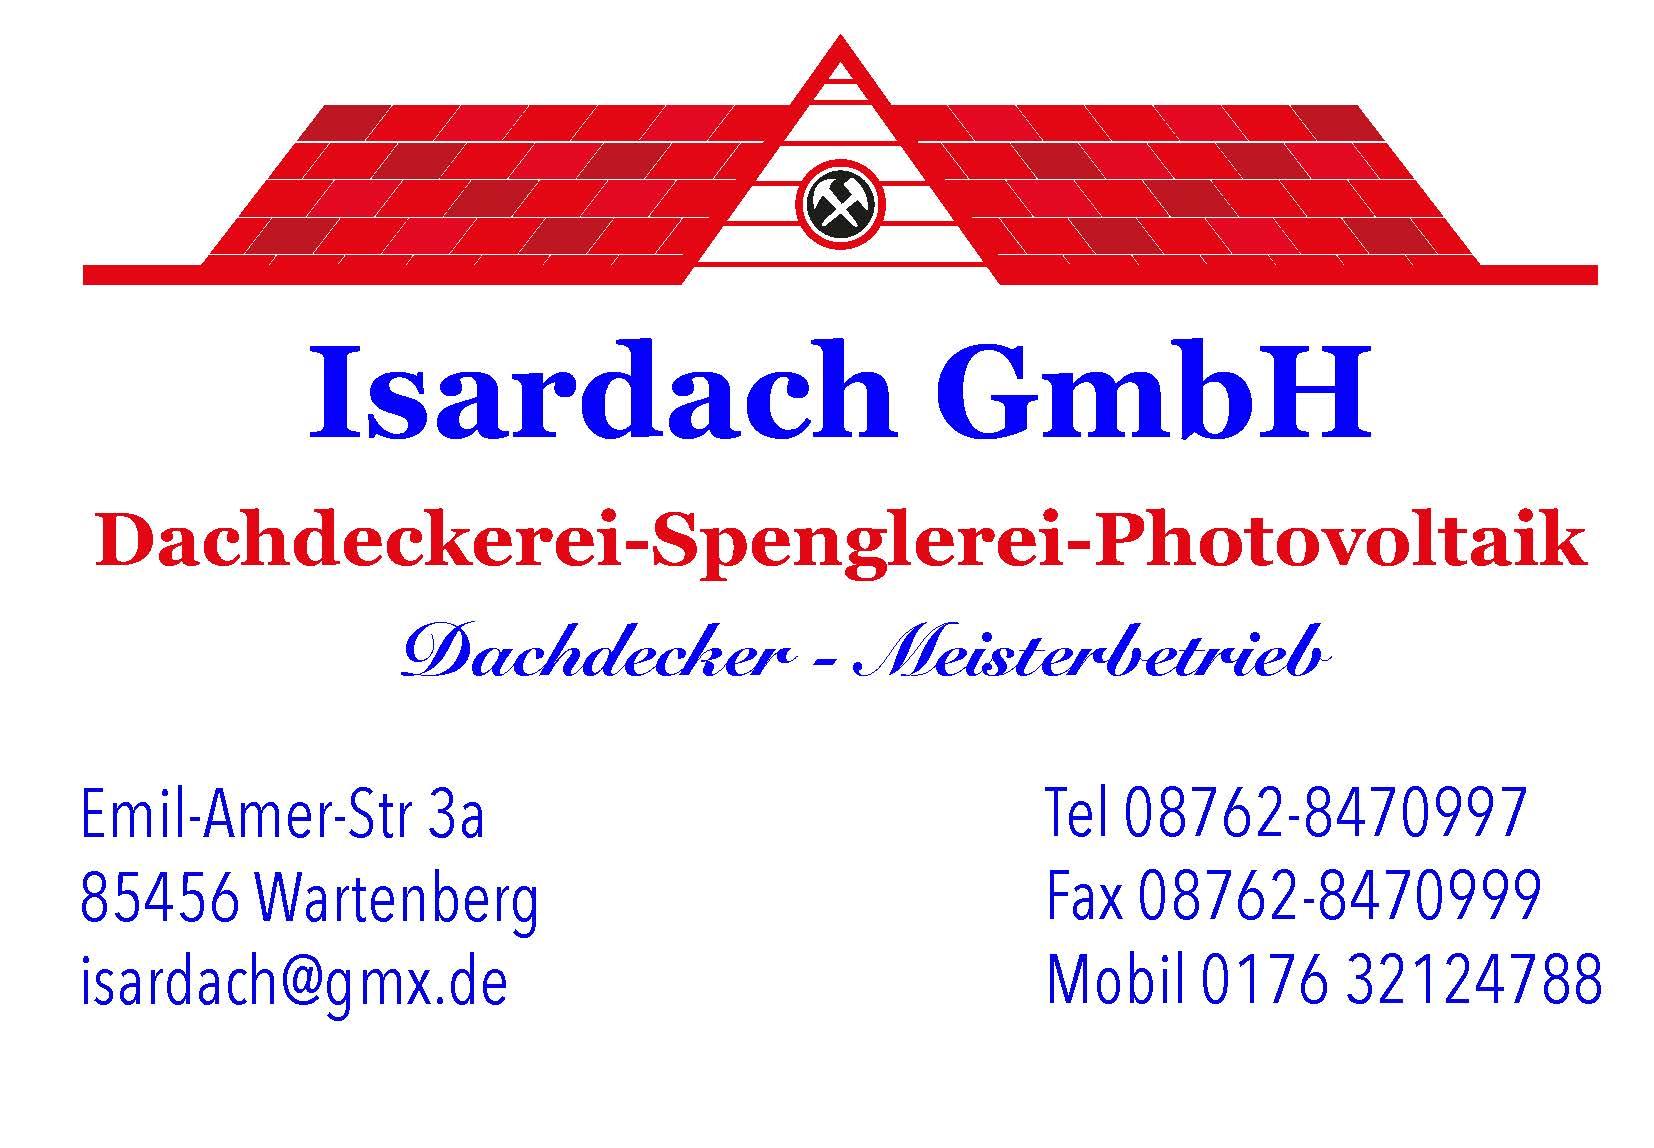 Isardach GmbH